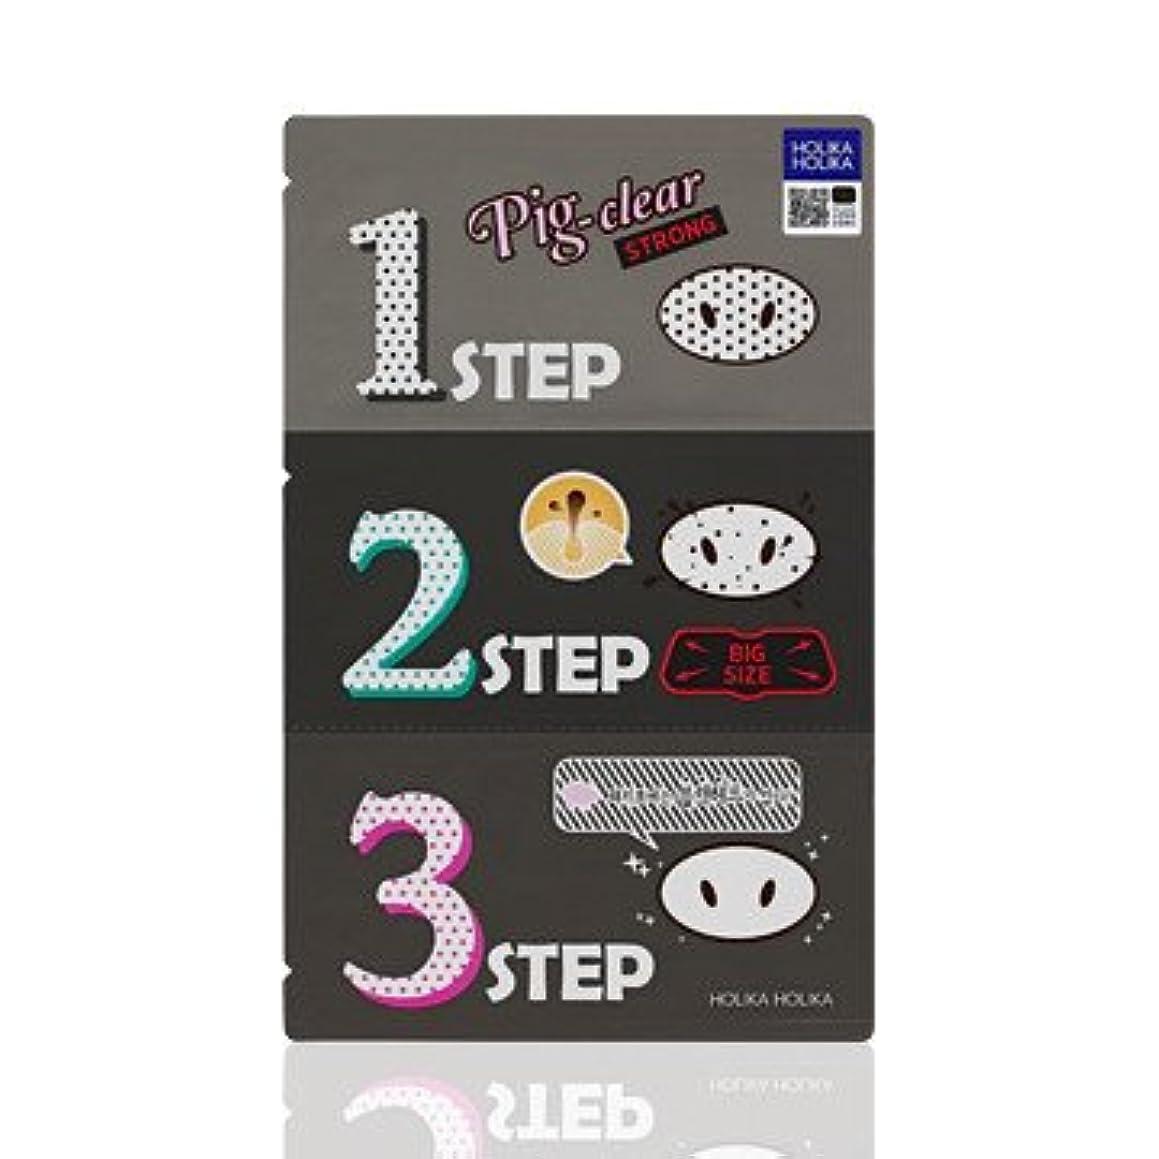 ロンドンめまい怖がらせるHolika Holika Pig Nose Clear Black Head 3-Step Kit 10EA